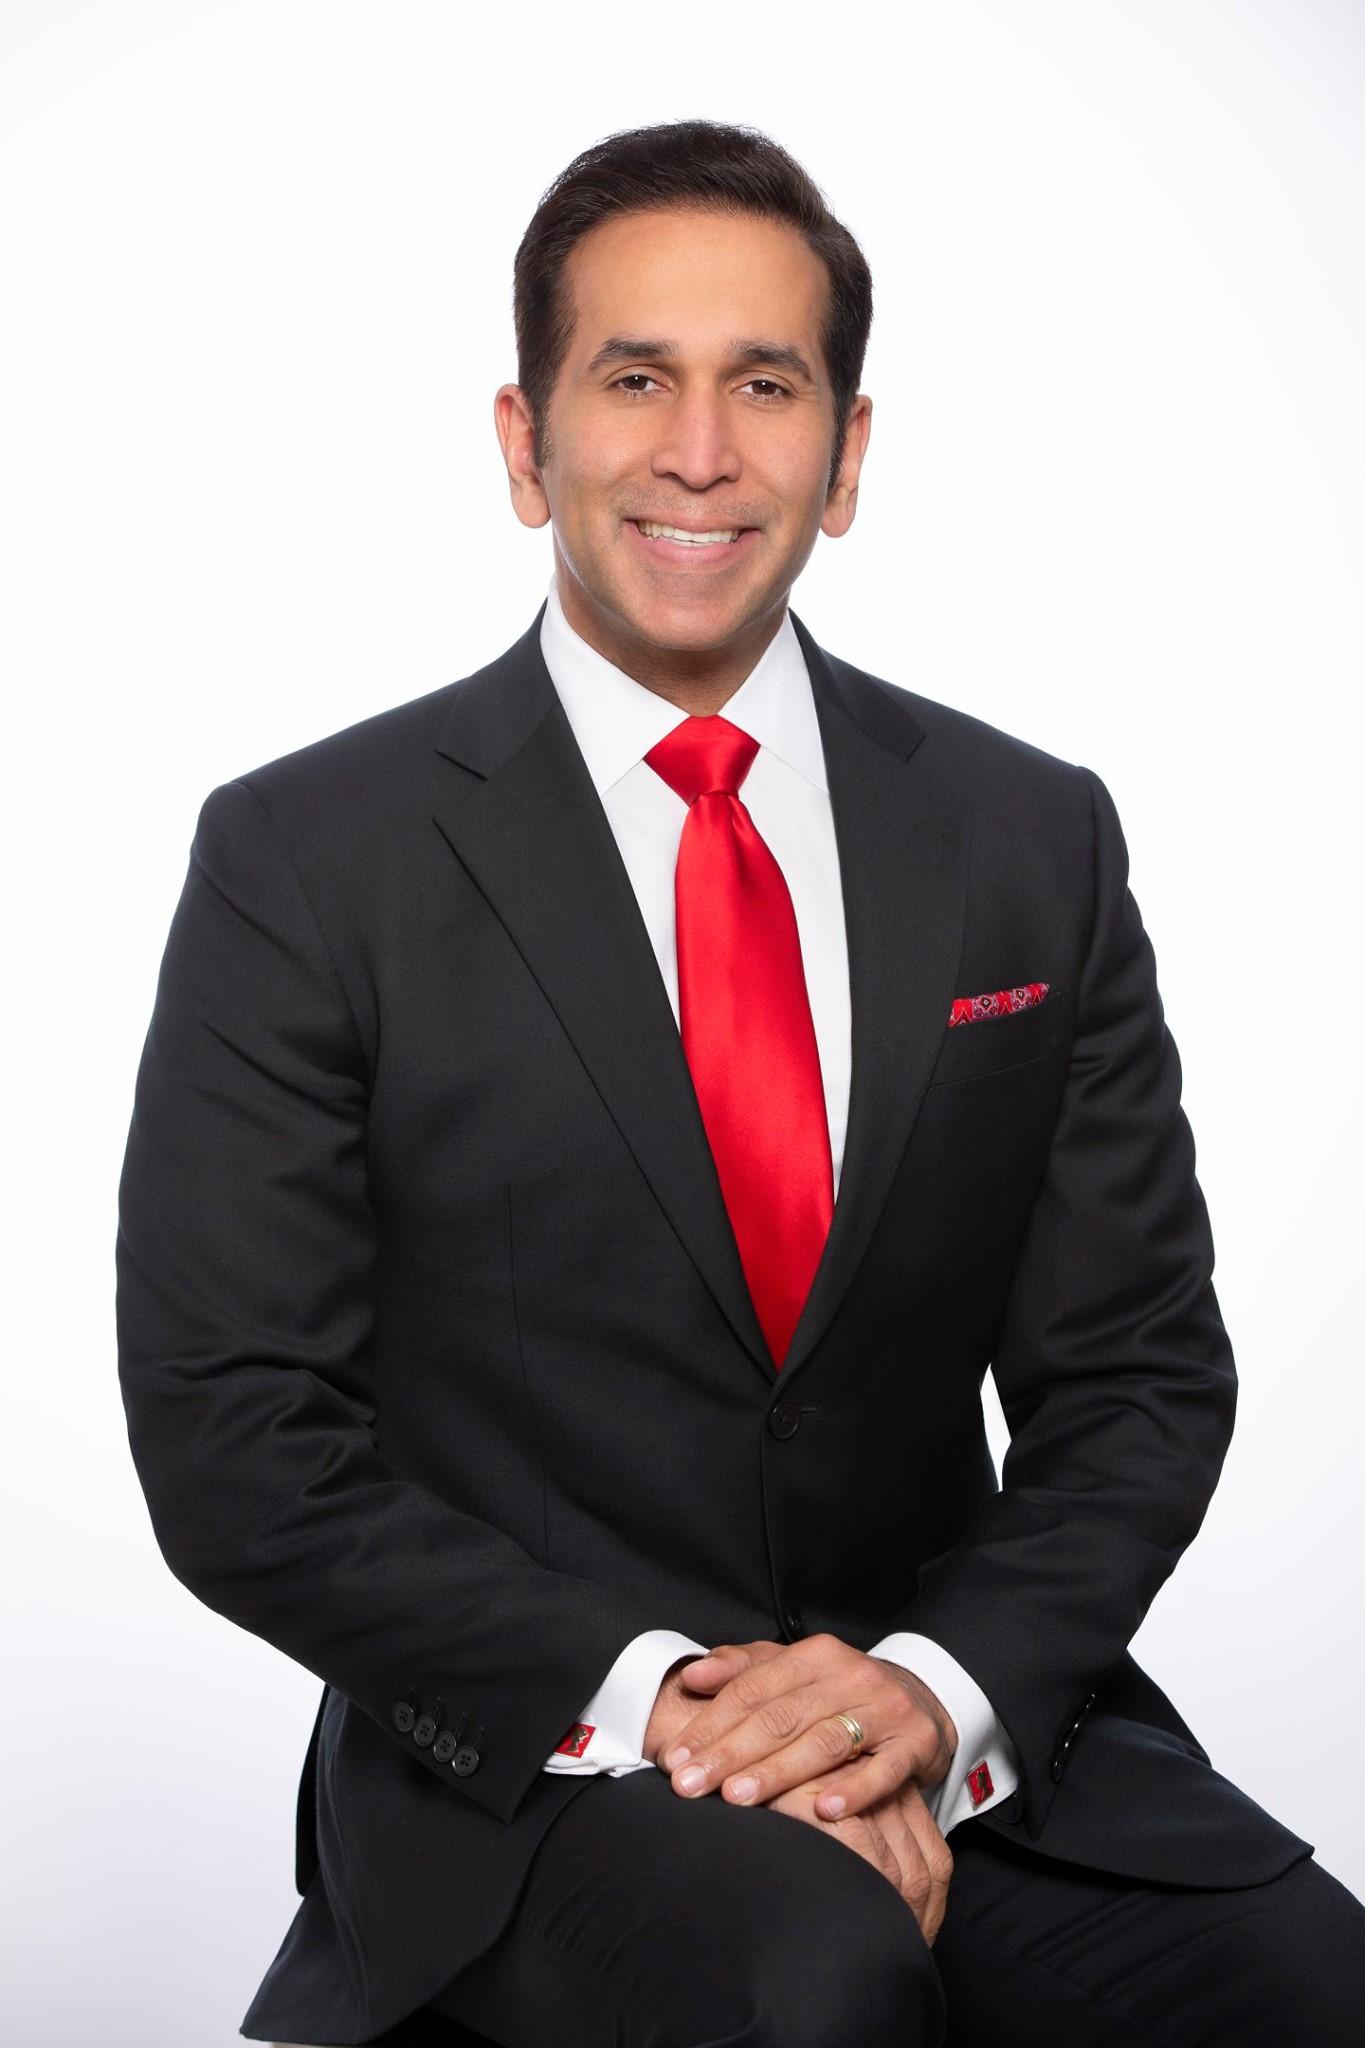 Member for San Fernando West